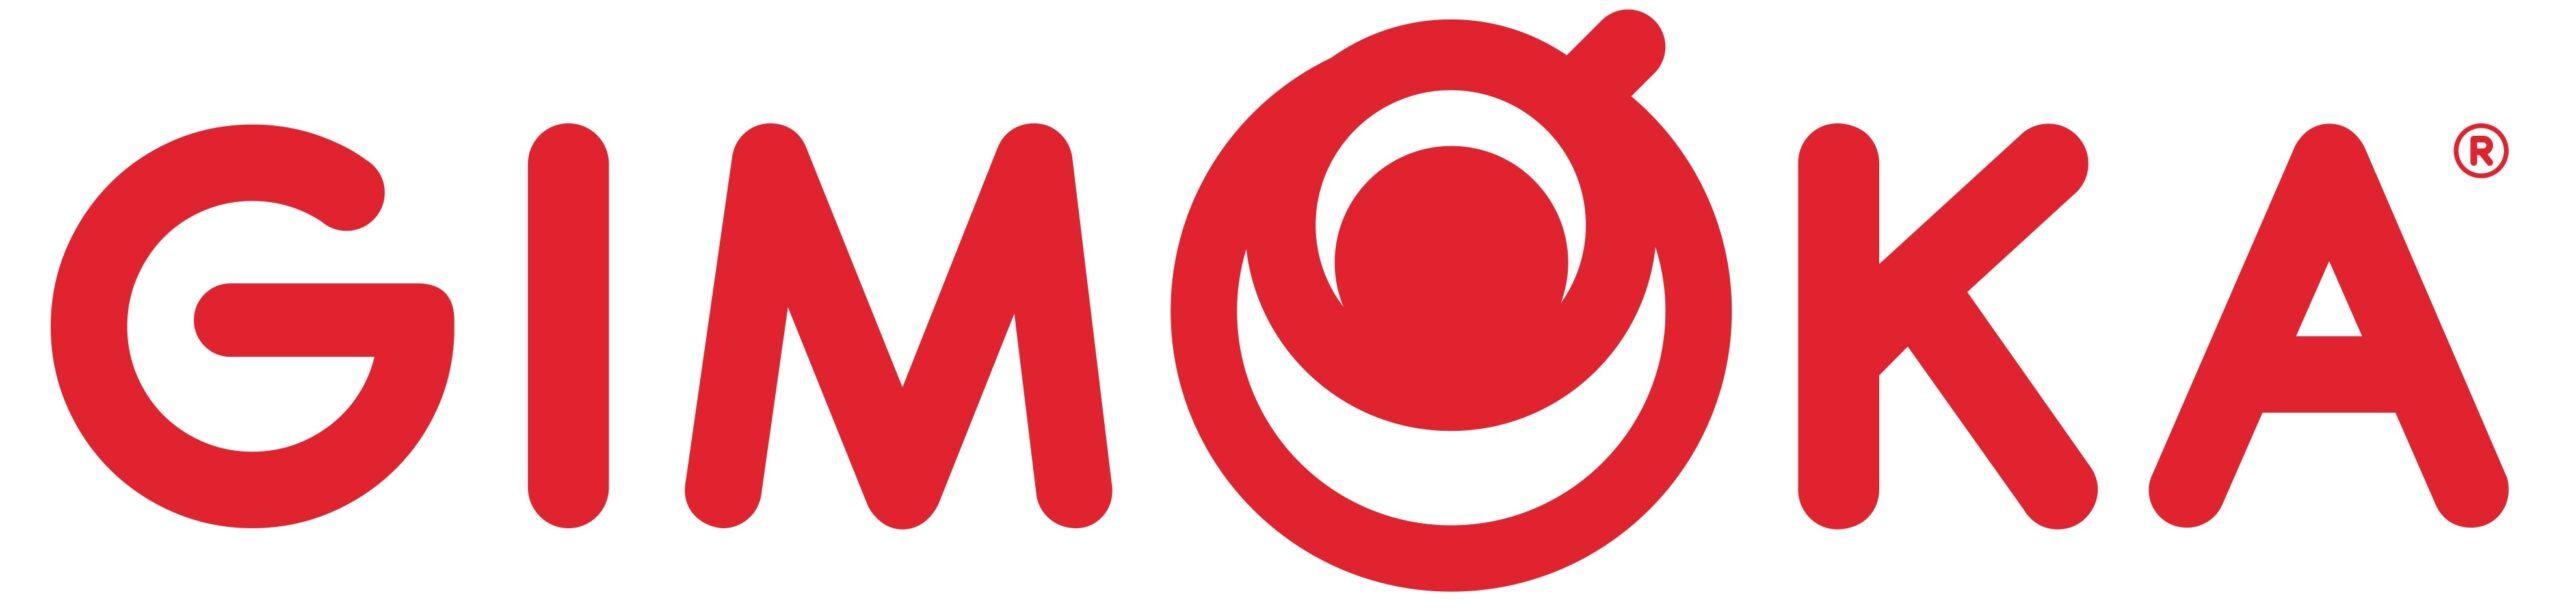 Gruppo Gimoka logo 2021